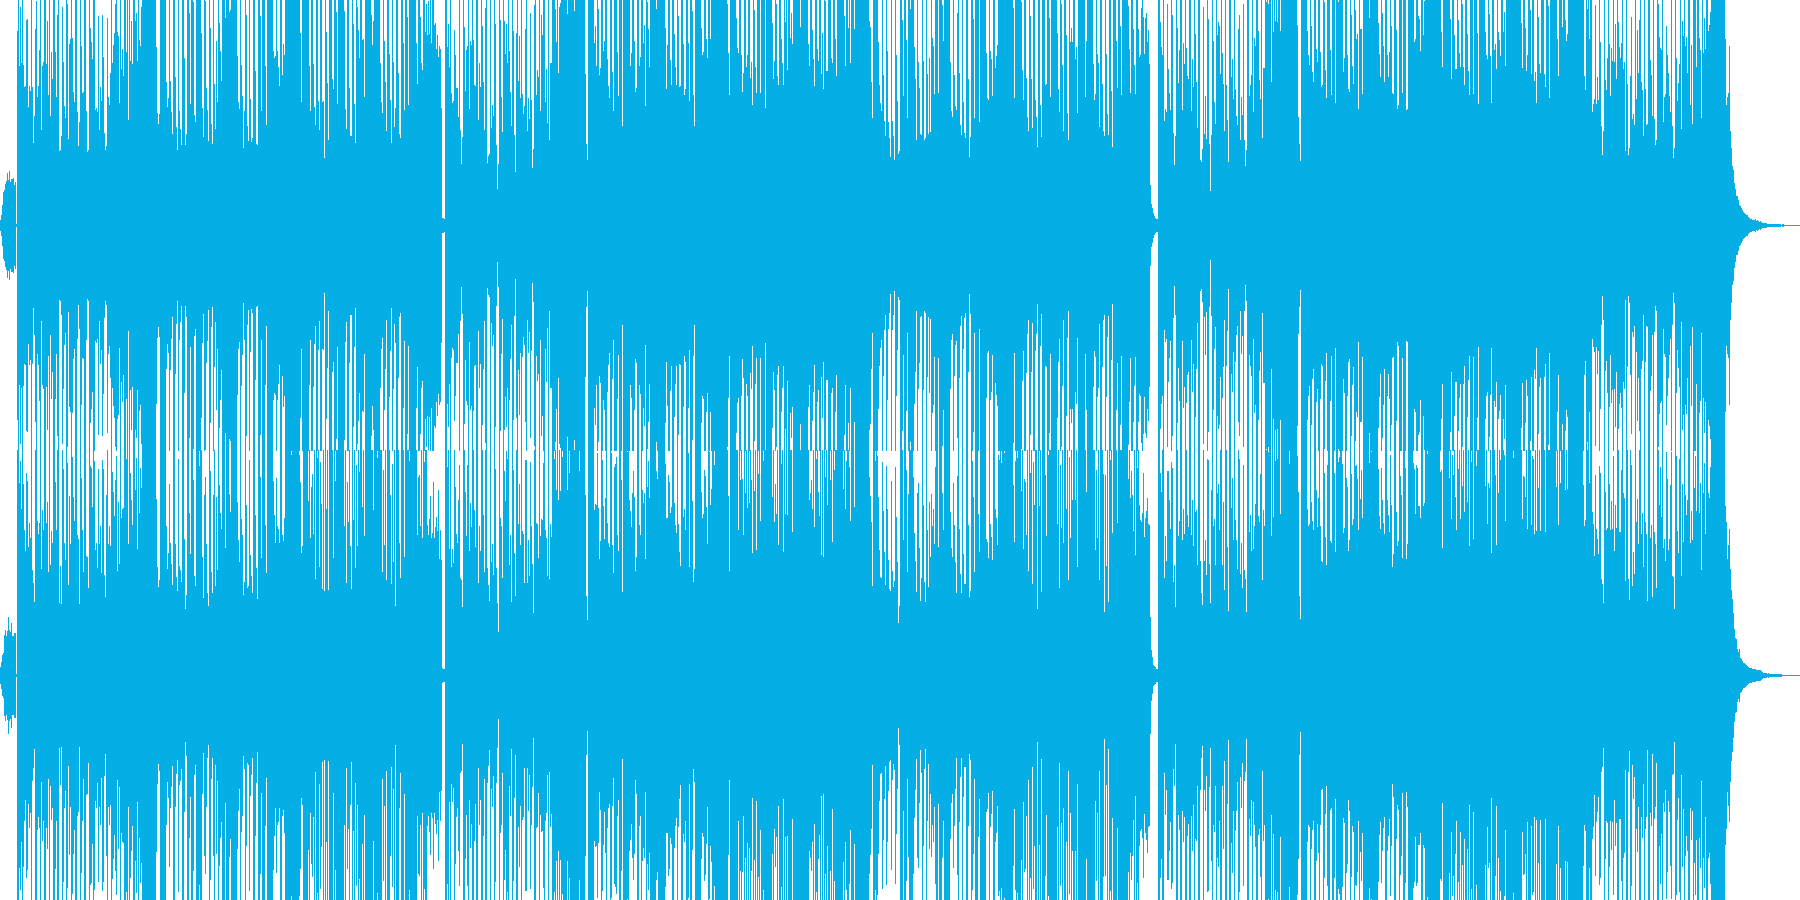 ダンス系EDM/イケメンoffvocalの再生済みの波形